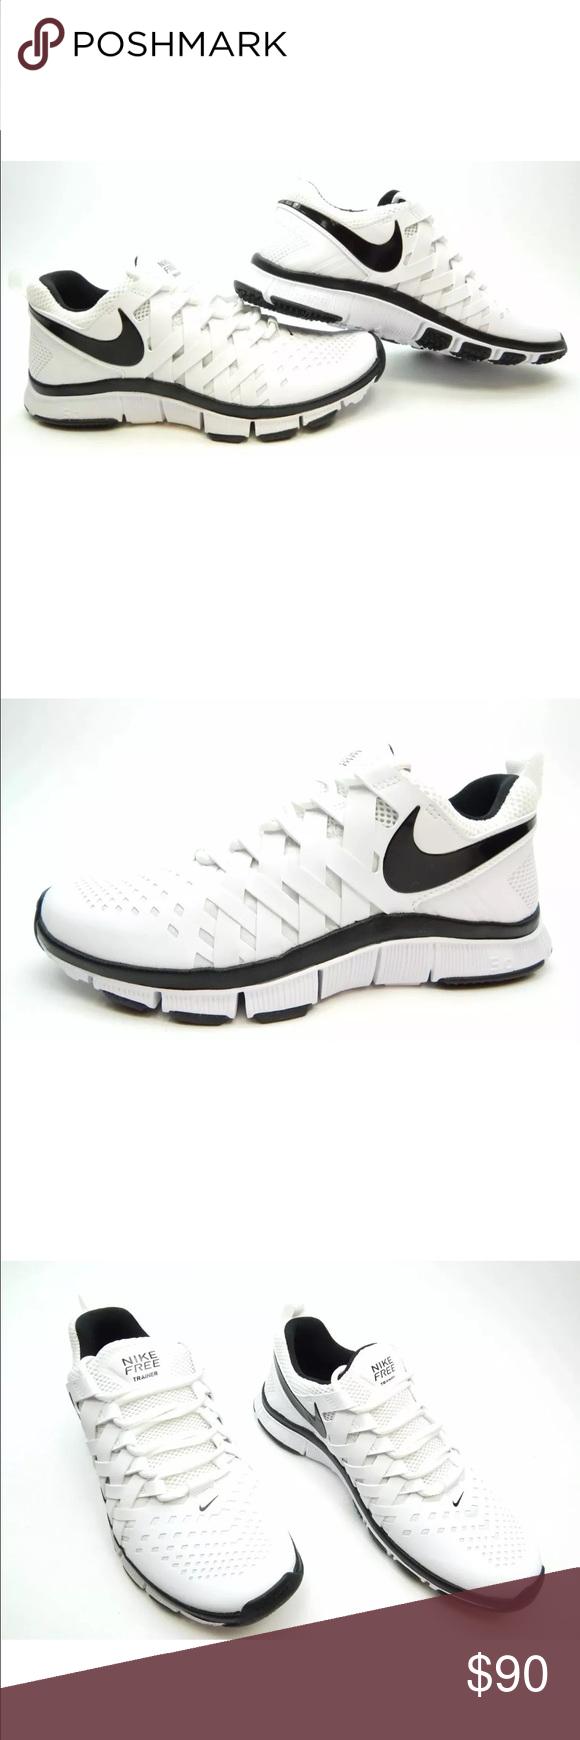 31ba5bcc2e0d2 NIKE FREE TRAINER 5.0 TB WHT BLK 579811-100 SZ 10 Nike Men s Free ...